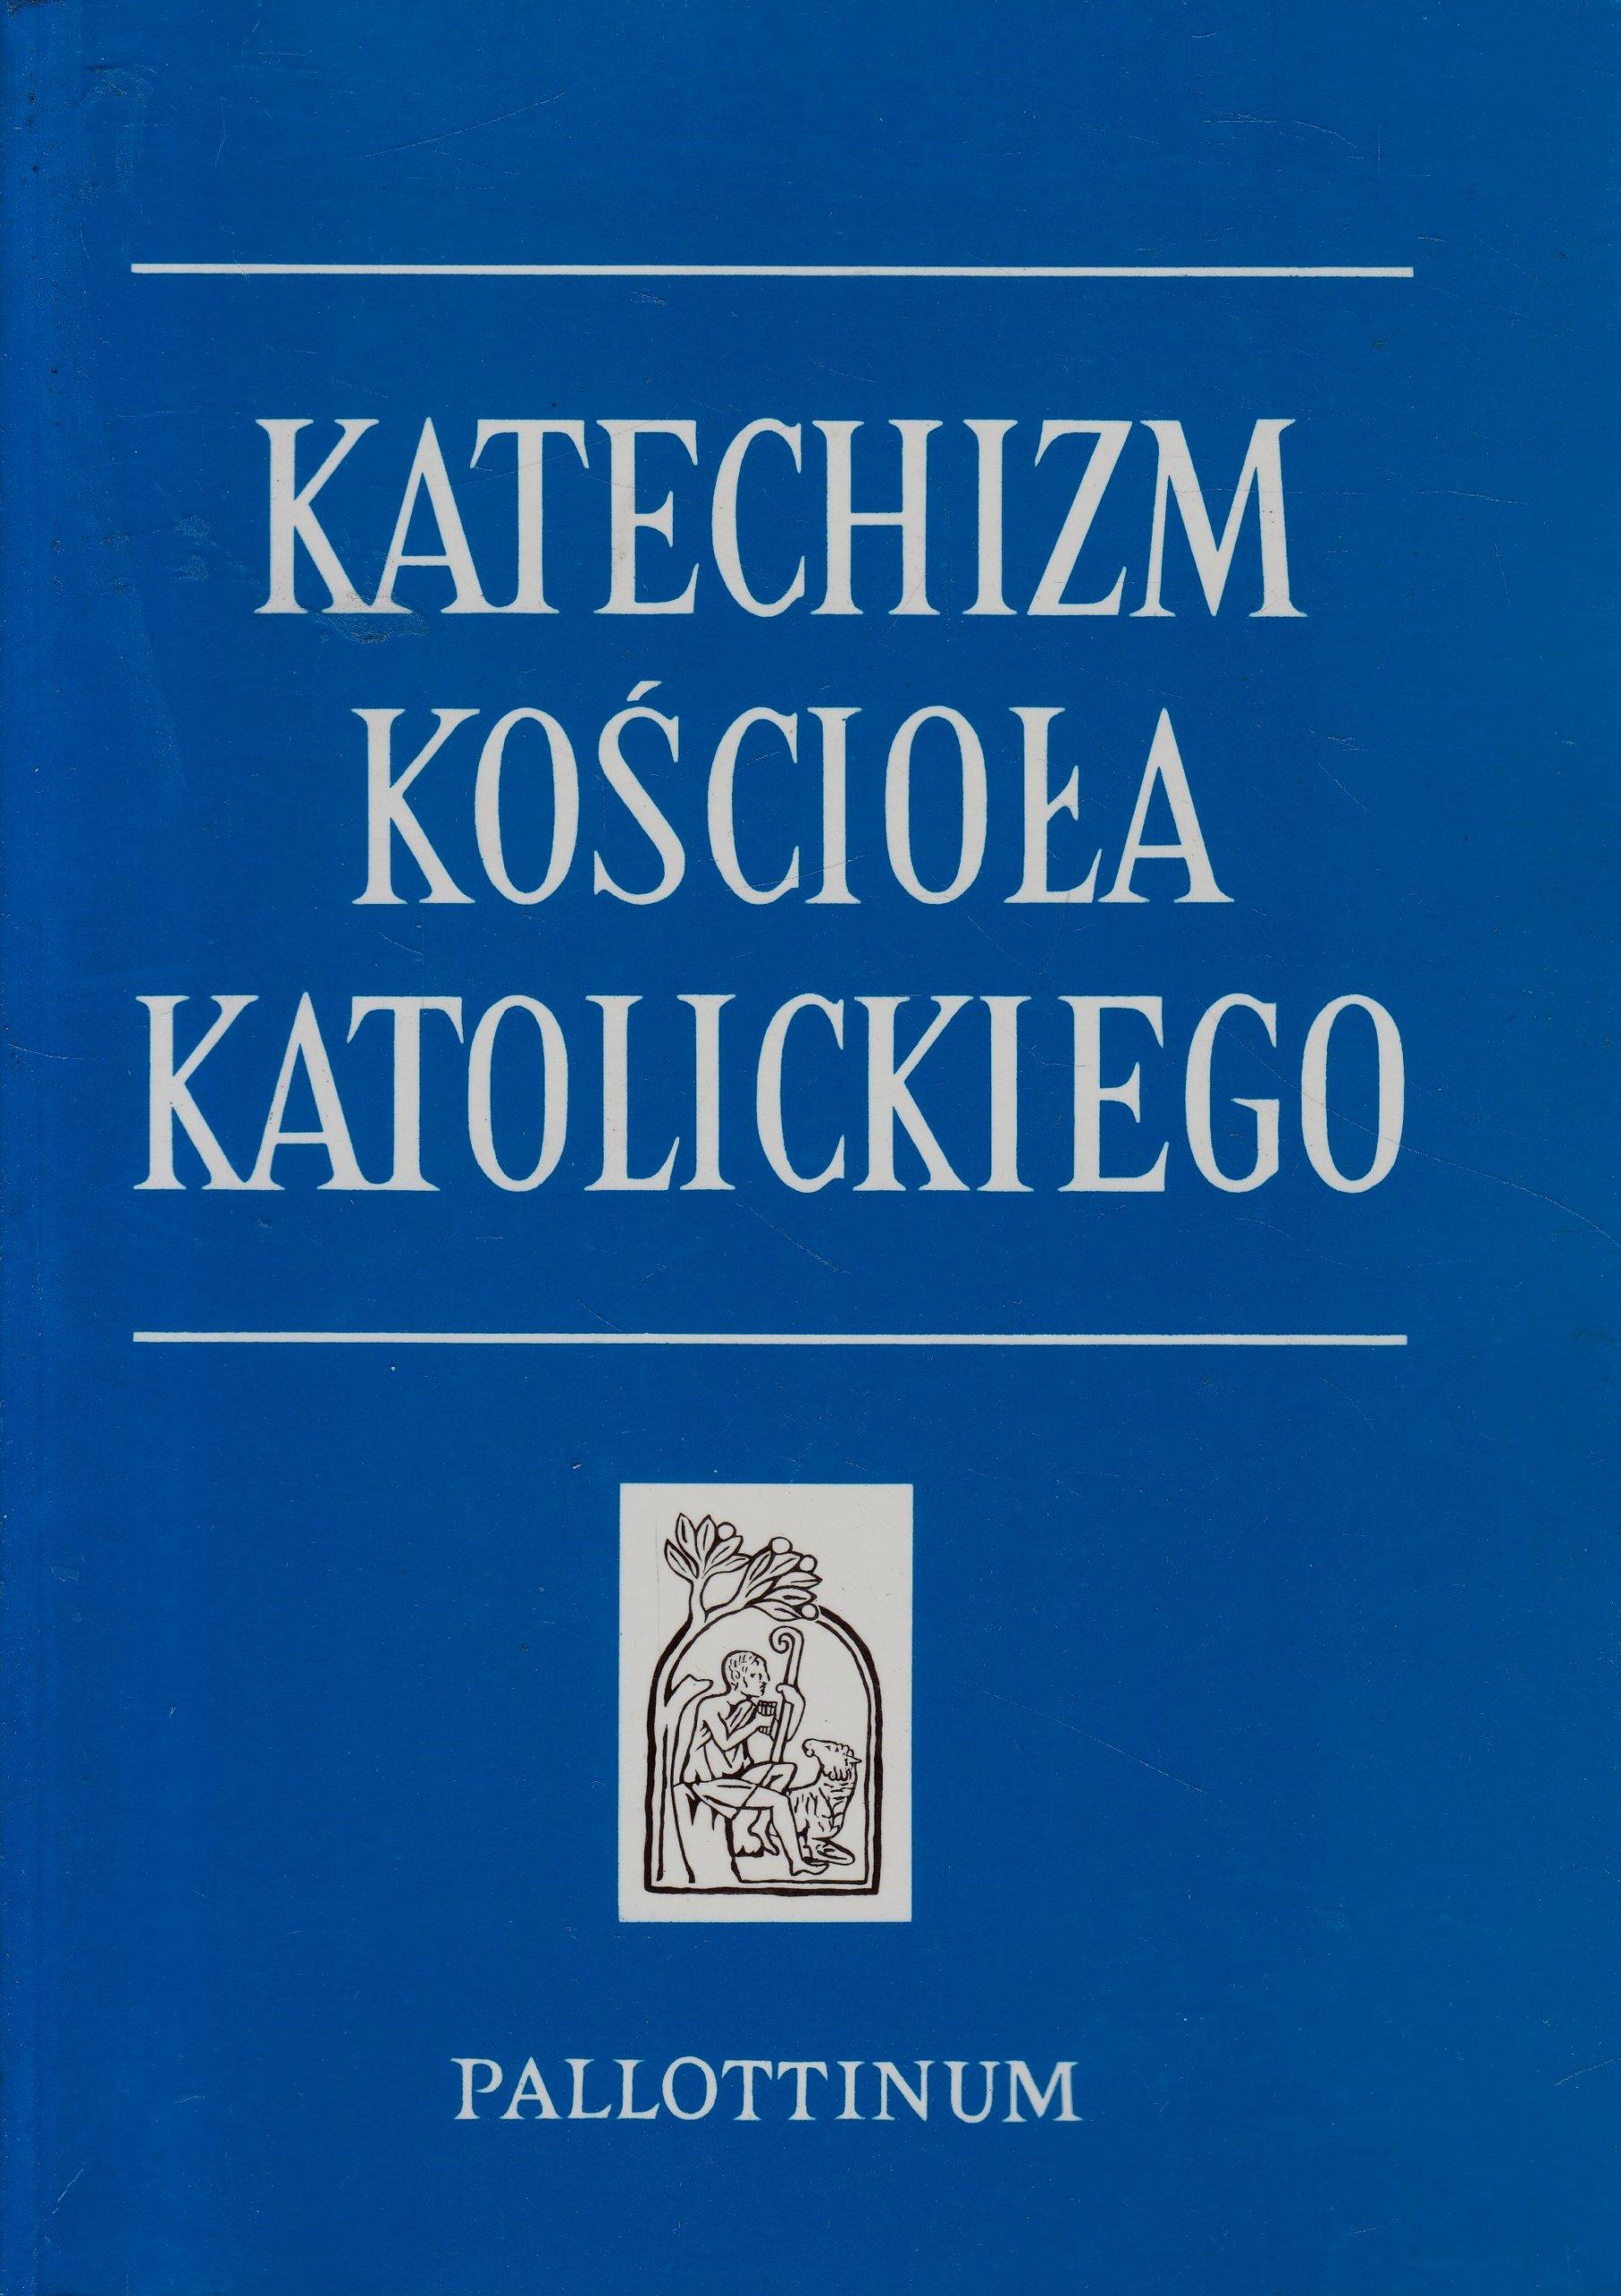 Znalezione obrazy dla zapytania katechizm kościoła katolickiego